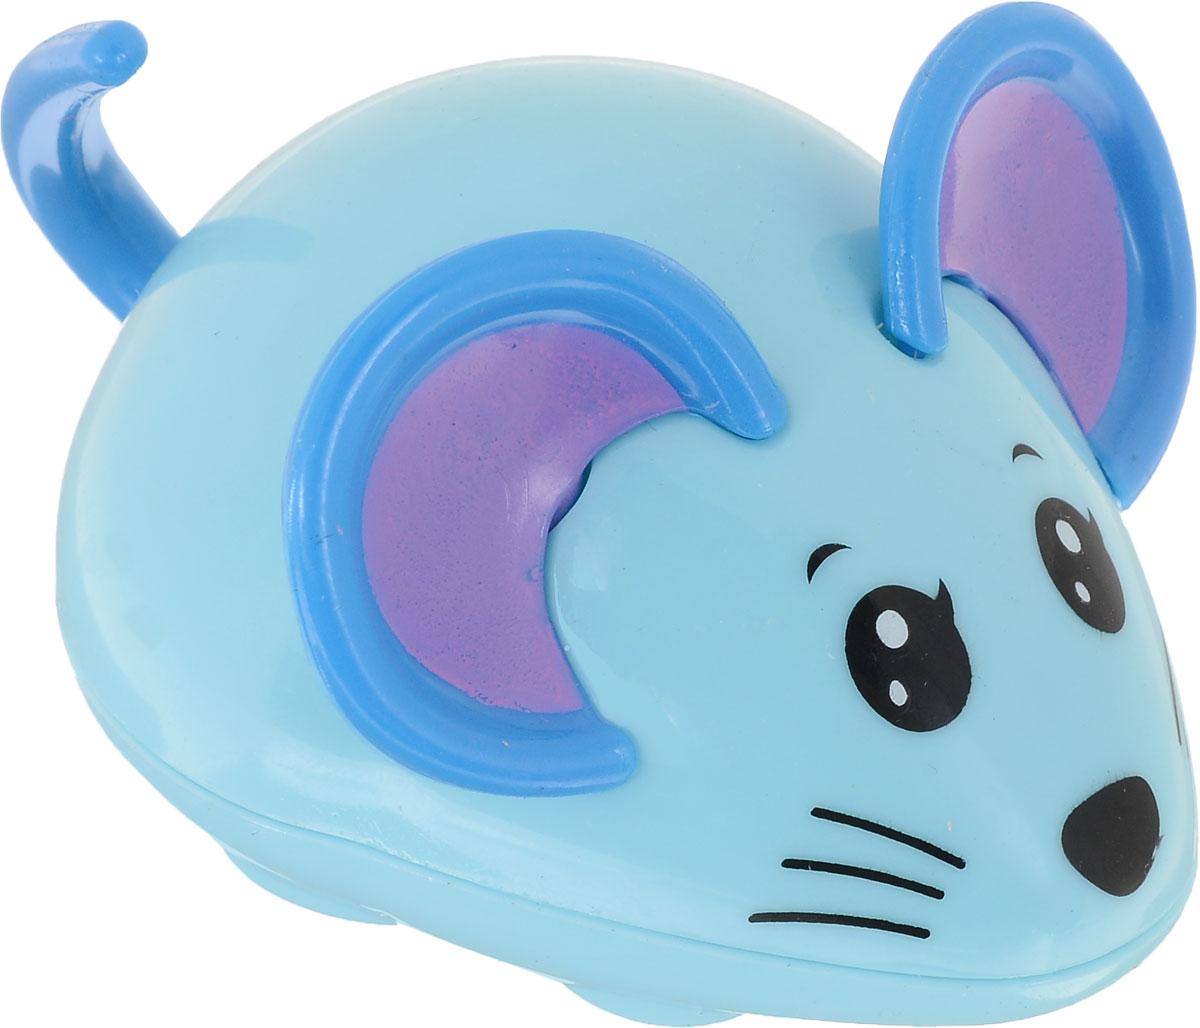 Bampi Заводная игрушка Мышка цвет голубой игрушка для кошек трикси мышка заводная 7 см